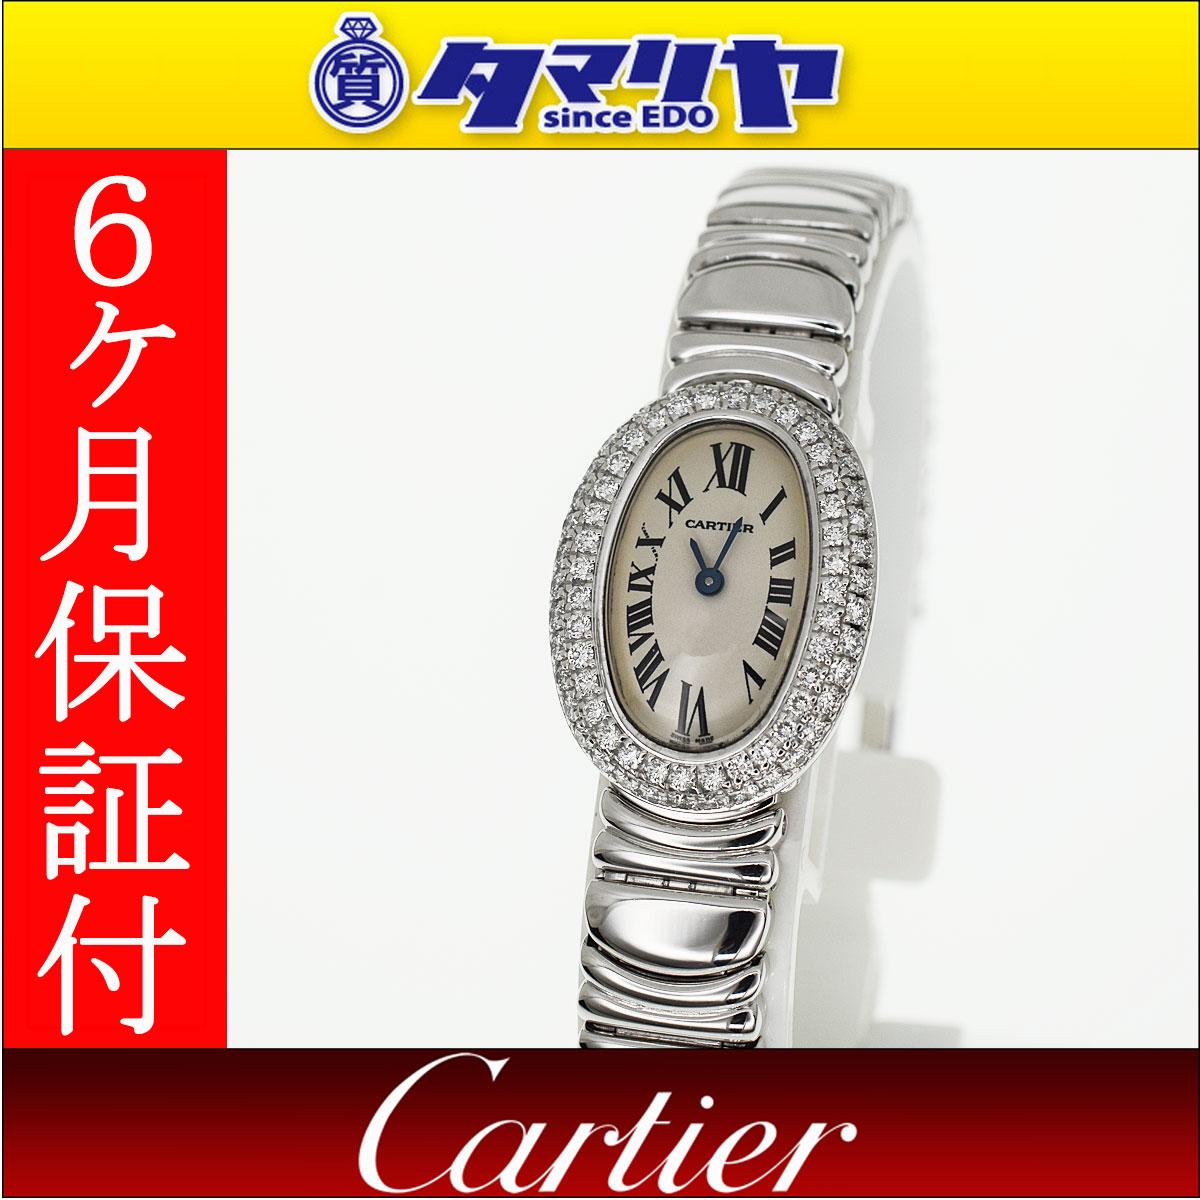 Cartier カルティエ 2重ダイヤベゼル ミニベニュワール Mini Baignoire WB5095L2 時計 750 K18 WG ホワイトゴールド アイボリー文字盤 クォーツ SWISS MADE【送料無料】【代引き手数料無料】レディース【中古】30660906